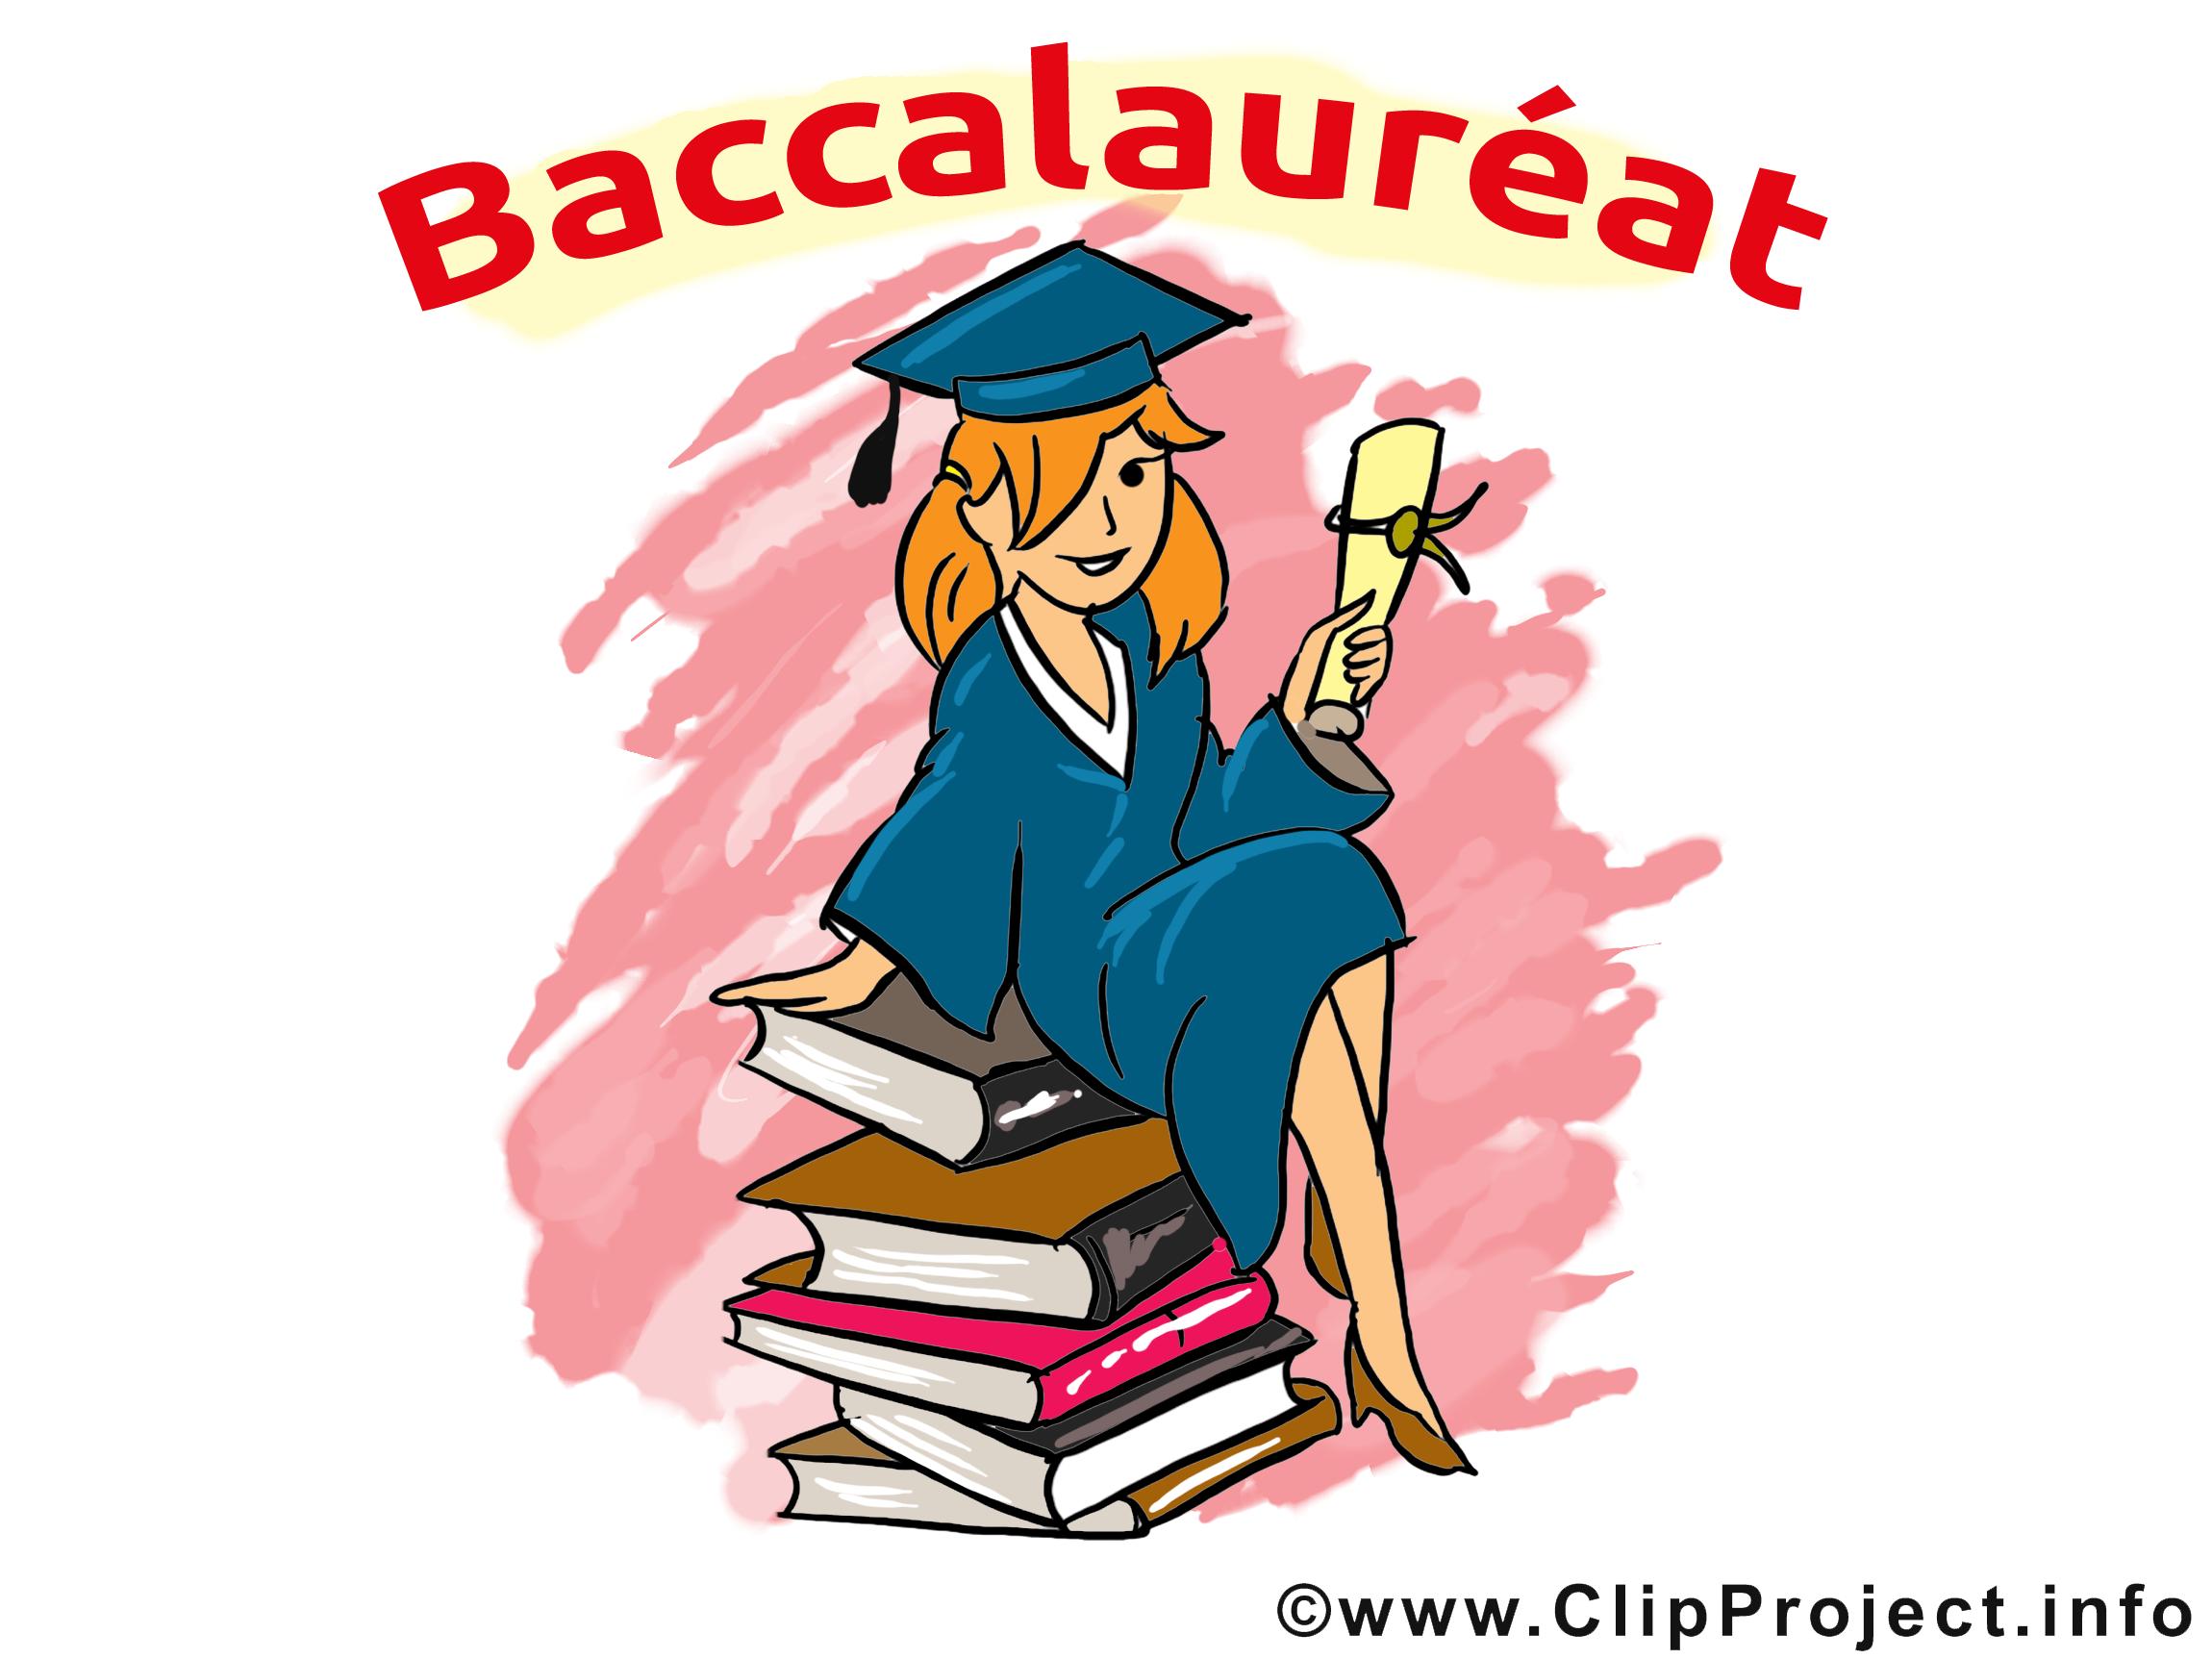 Clip art gratuit baccalauréat dessin